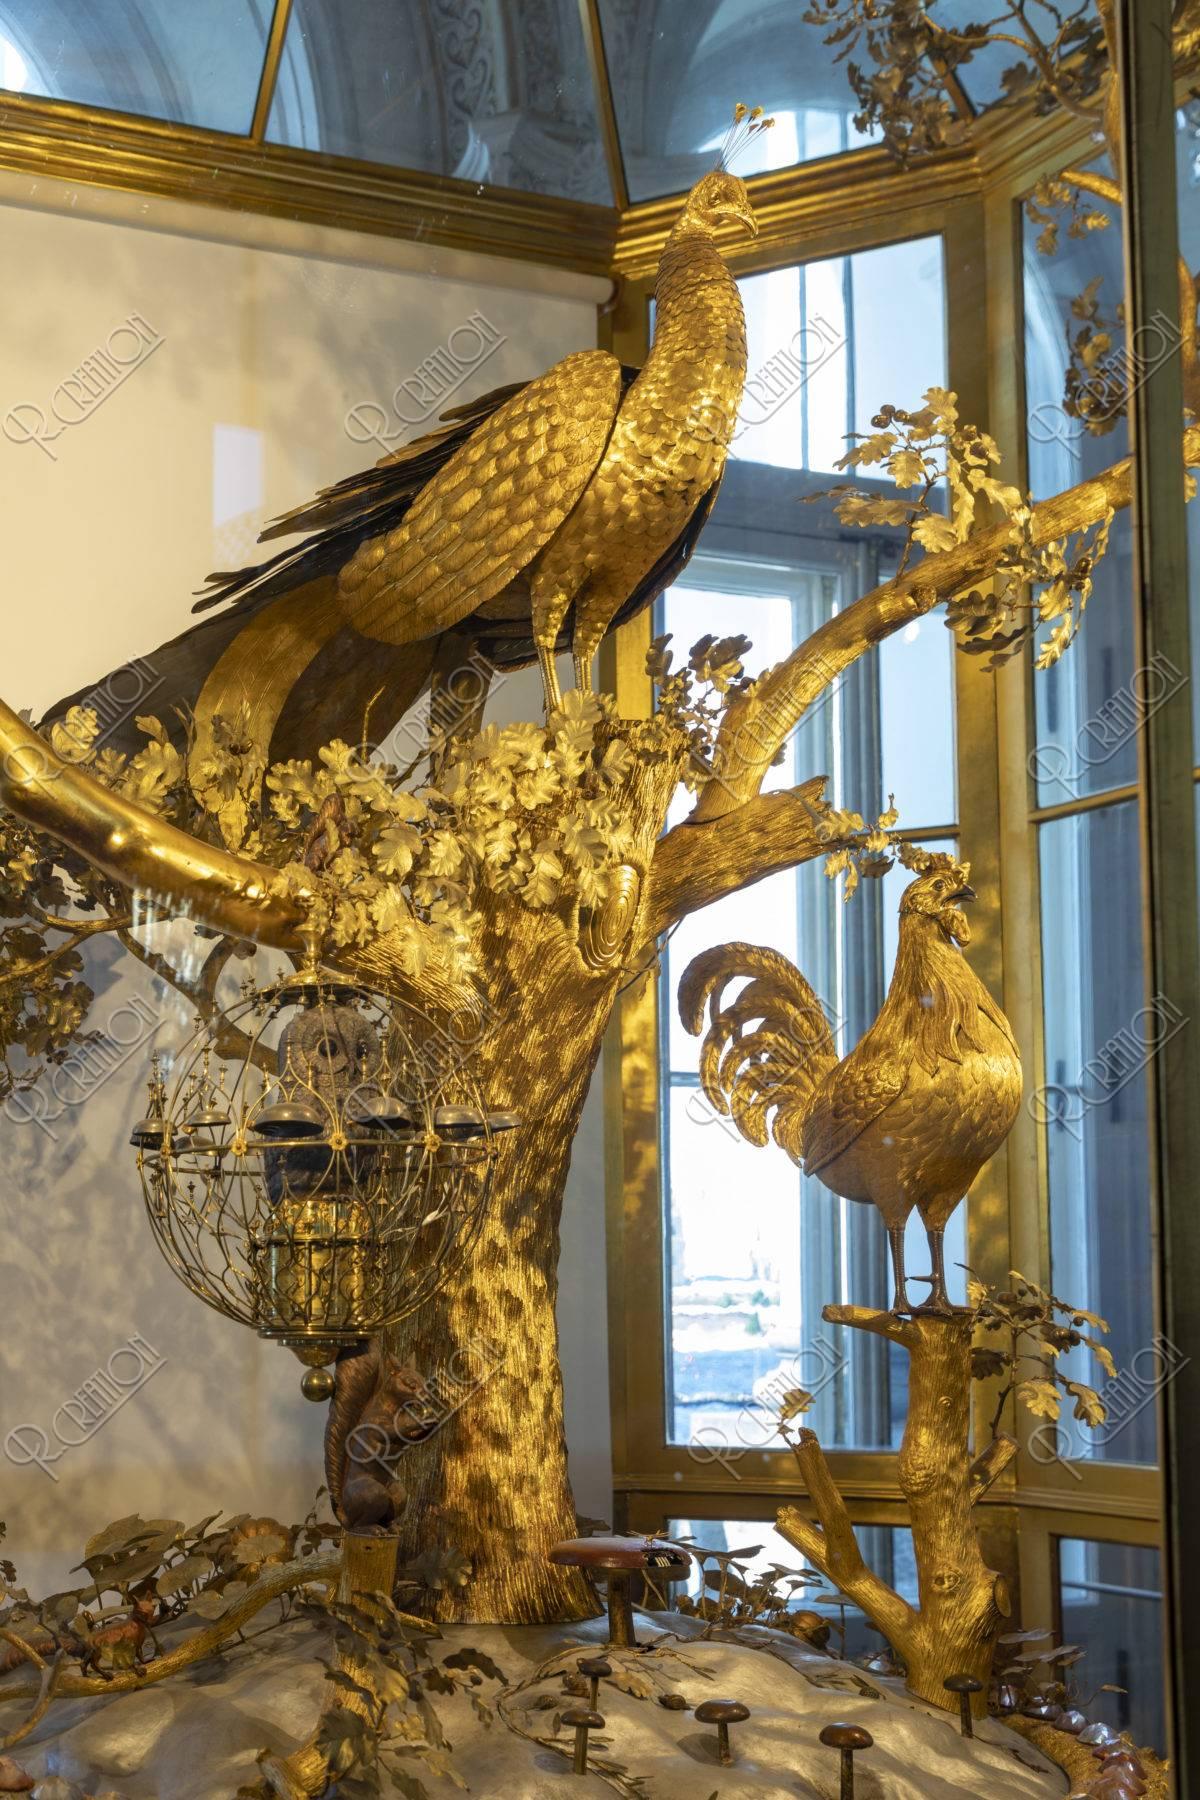 エルミタージュ美術館 孔雀の時計